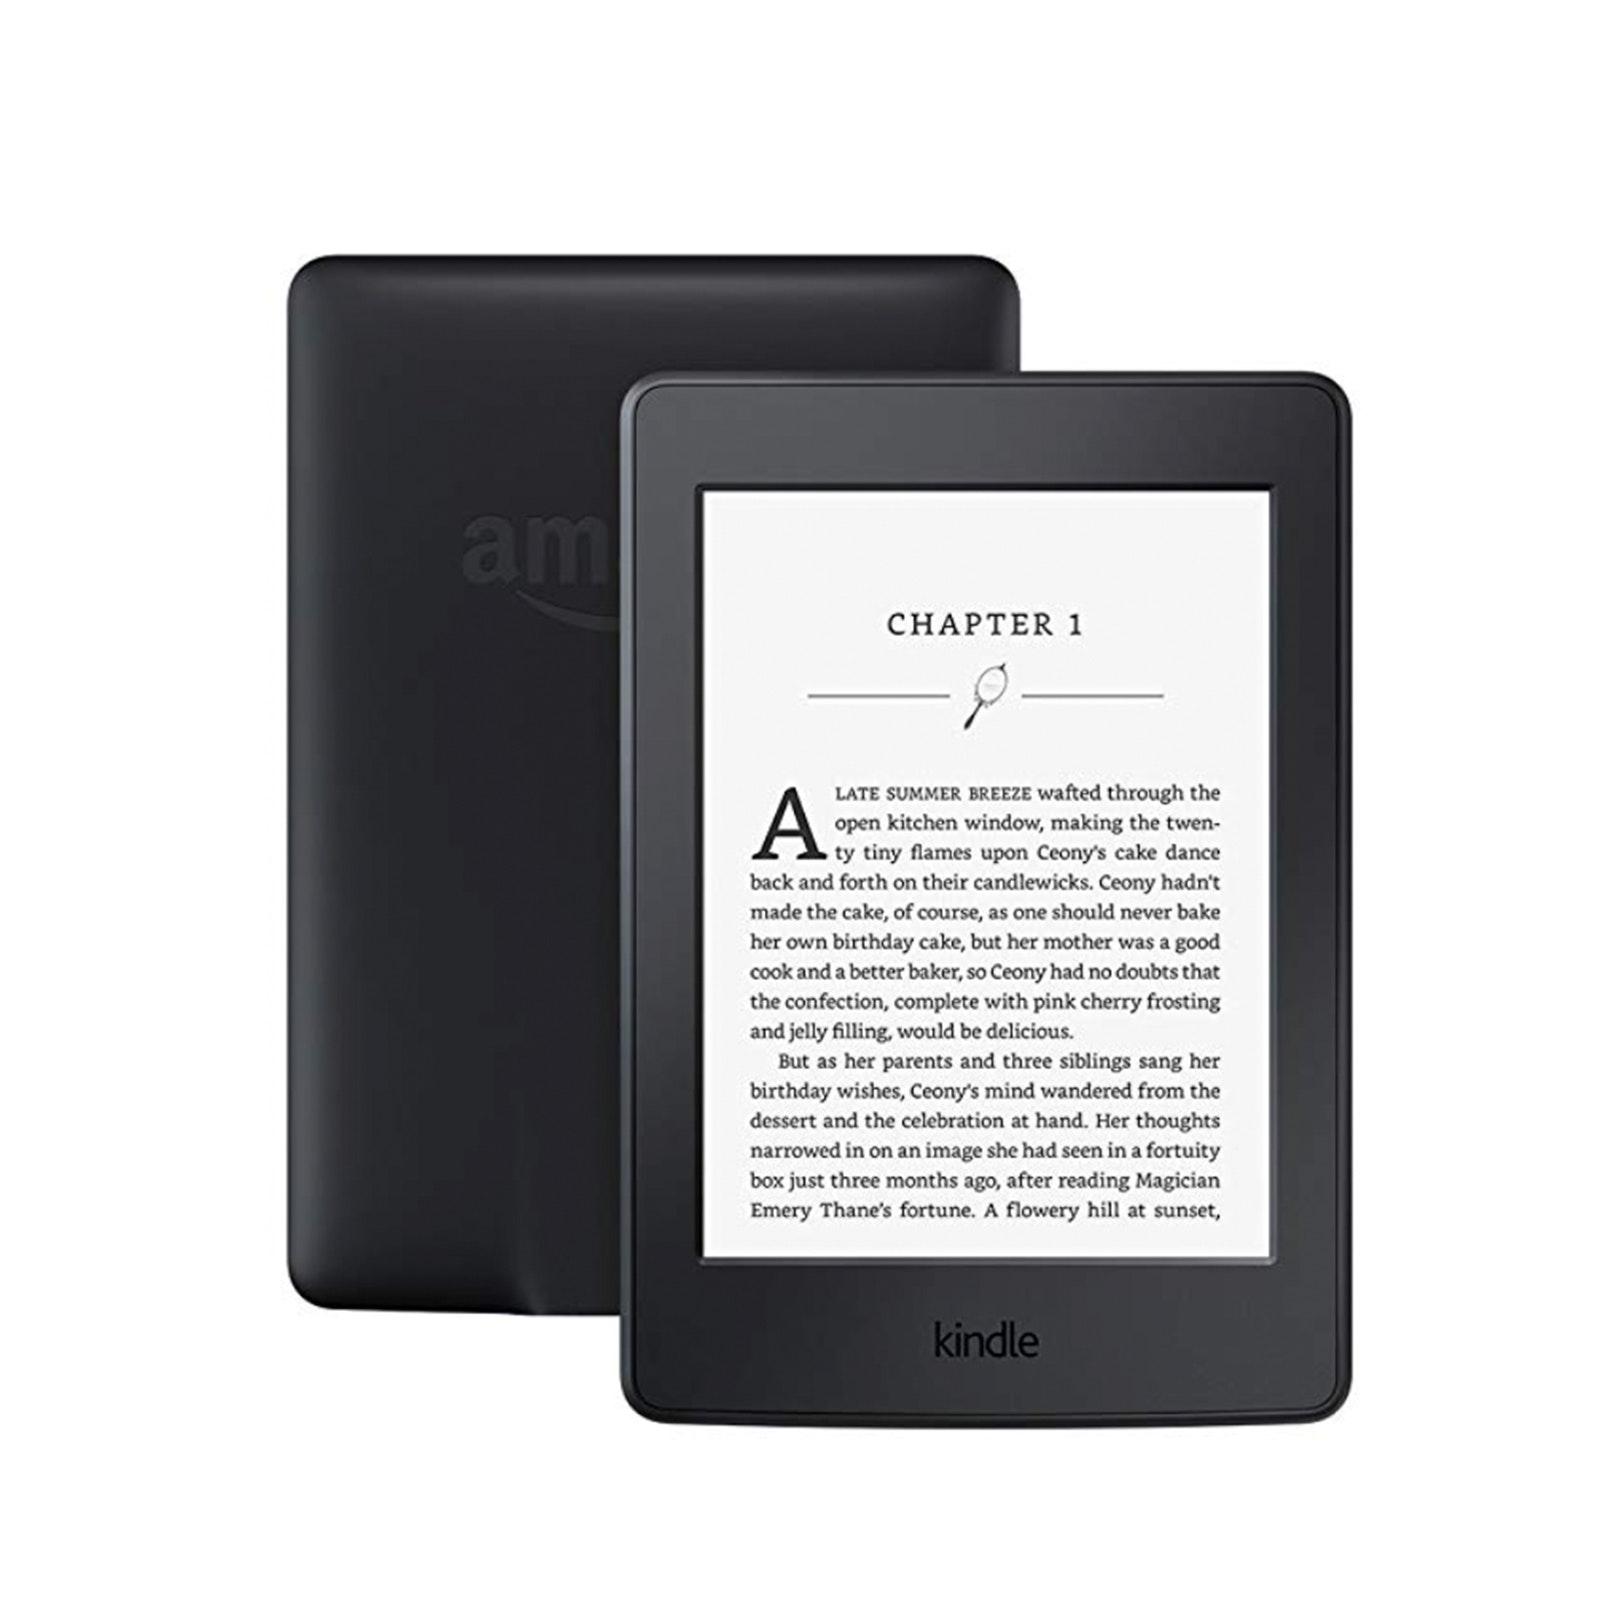 Amazon Kindle Amazon deals